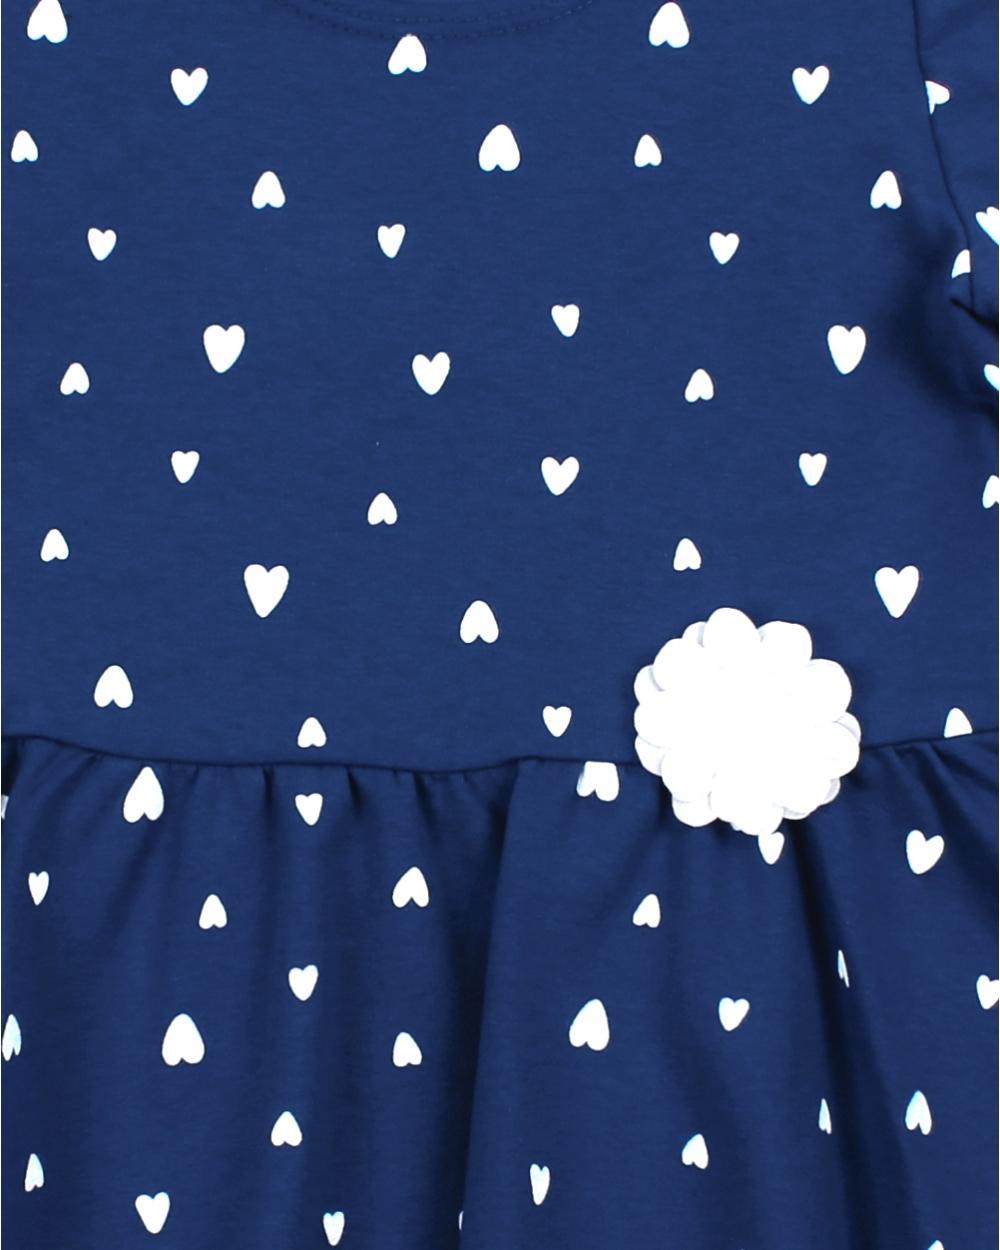 4a72fa2e6e Sukienka z długim rękawem w serduszka dla dziewczynki na jesień zimę  zbliżenie na tkaninę